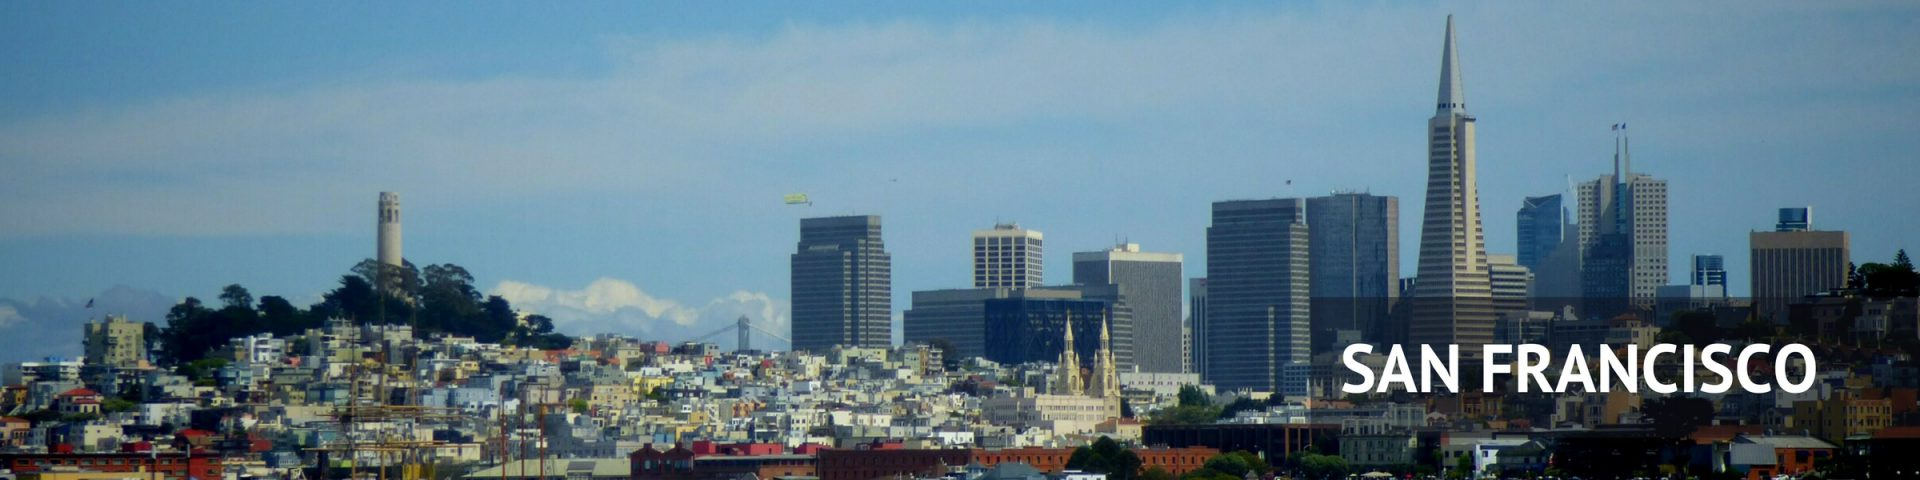 San FranciscoBay Cruise Reviews